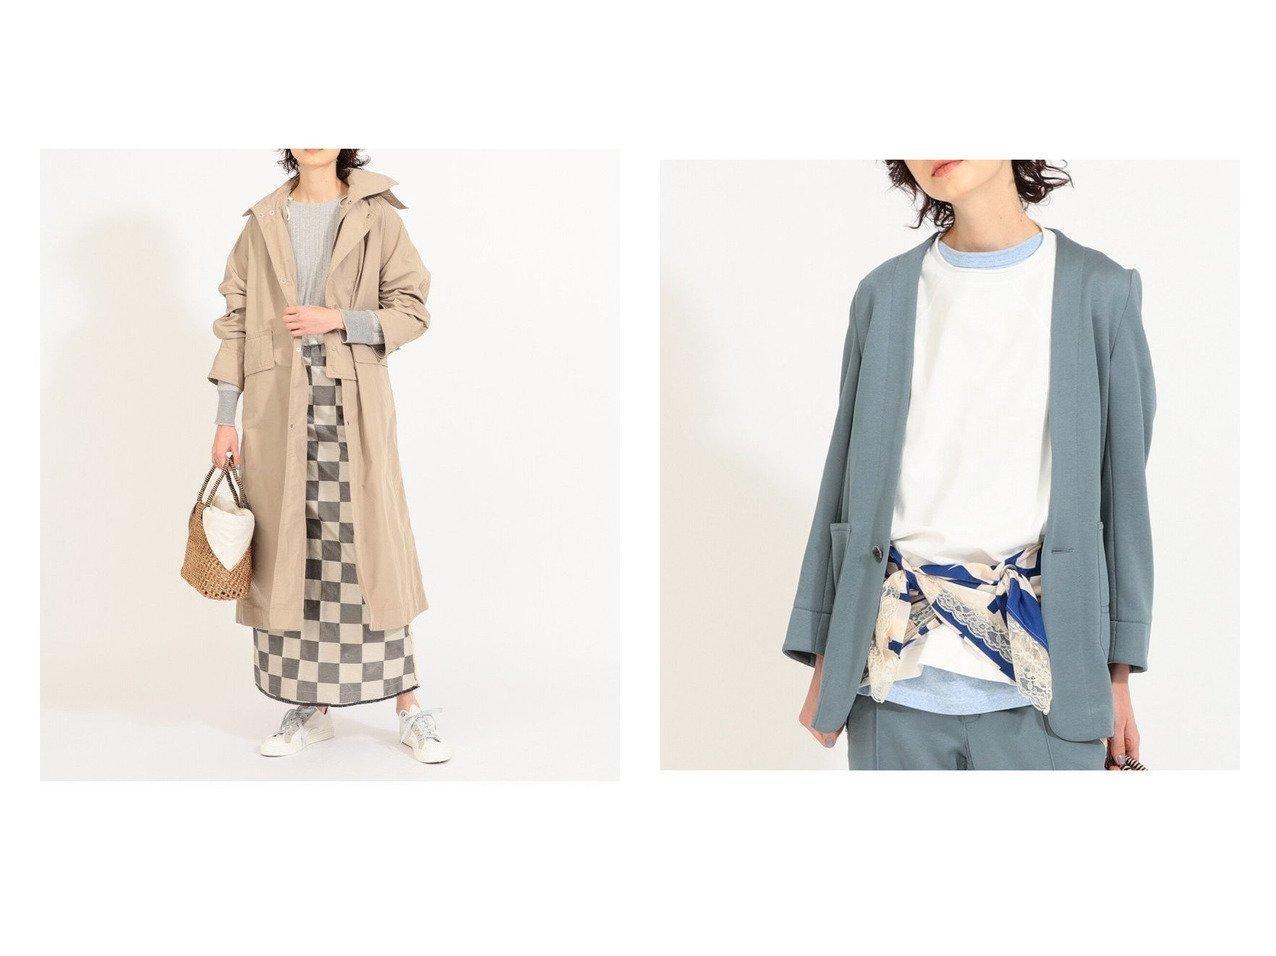 【BEAMS BOY/ビームス ボーイ】のMemory Over Coat&Stitch Engineer Jacket アウターのおすすめ!人気、トレンド・レディースファッションの通販  おすすめで人気の流行・トレンド、ファッションの通販商品 メンズファッション・キッズファッション・インテリア・家具・レディースファッション・服の通販 founy(ファニー) https://founy.com/ ファッション Fashion レディースファッション WOMEN アウター Coat Outerwear コート Coats ジャケット Jackets ダッフルコート Duffle Coats テーラードジャケット Tailored Jackets コンパクト ジャケット ダッフルコート ロング スラックス セットアップ |ID:crp329100000009962